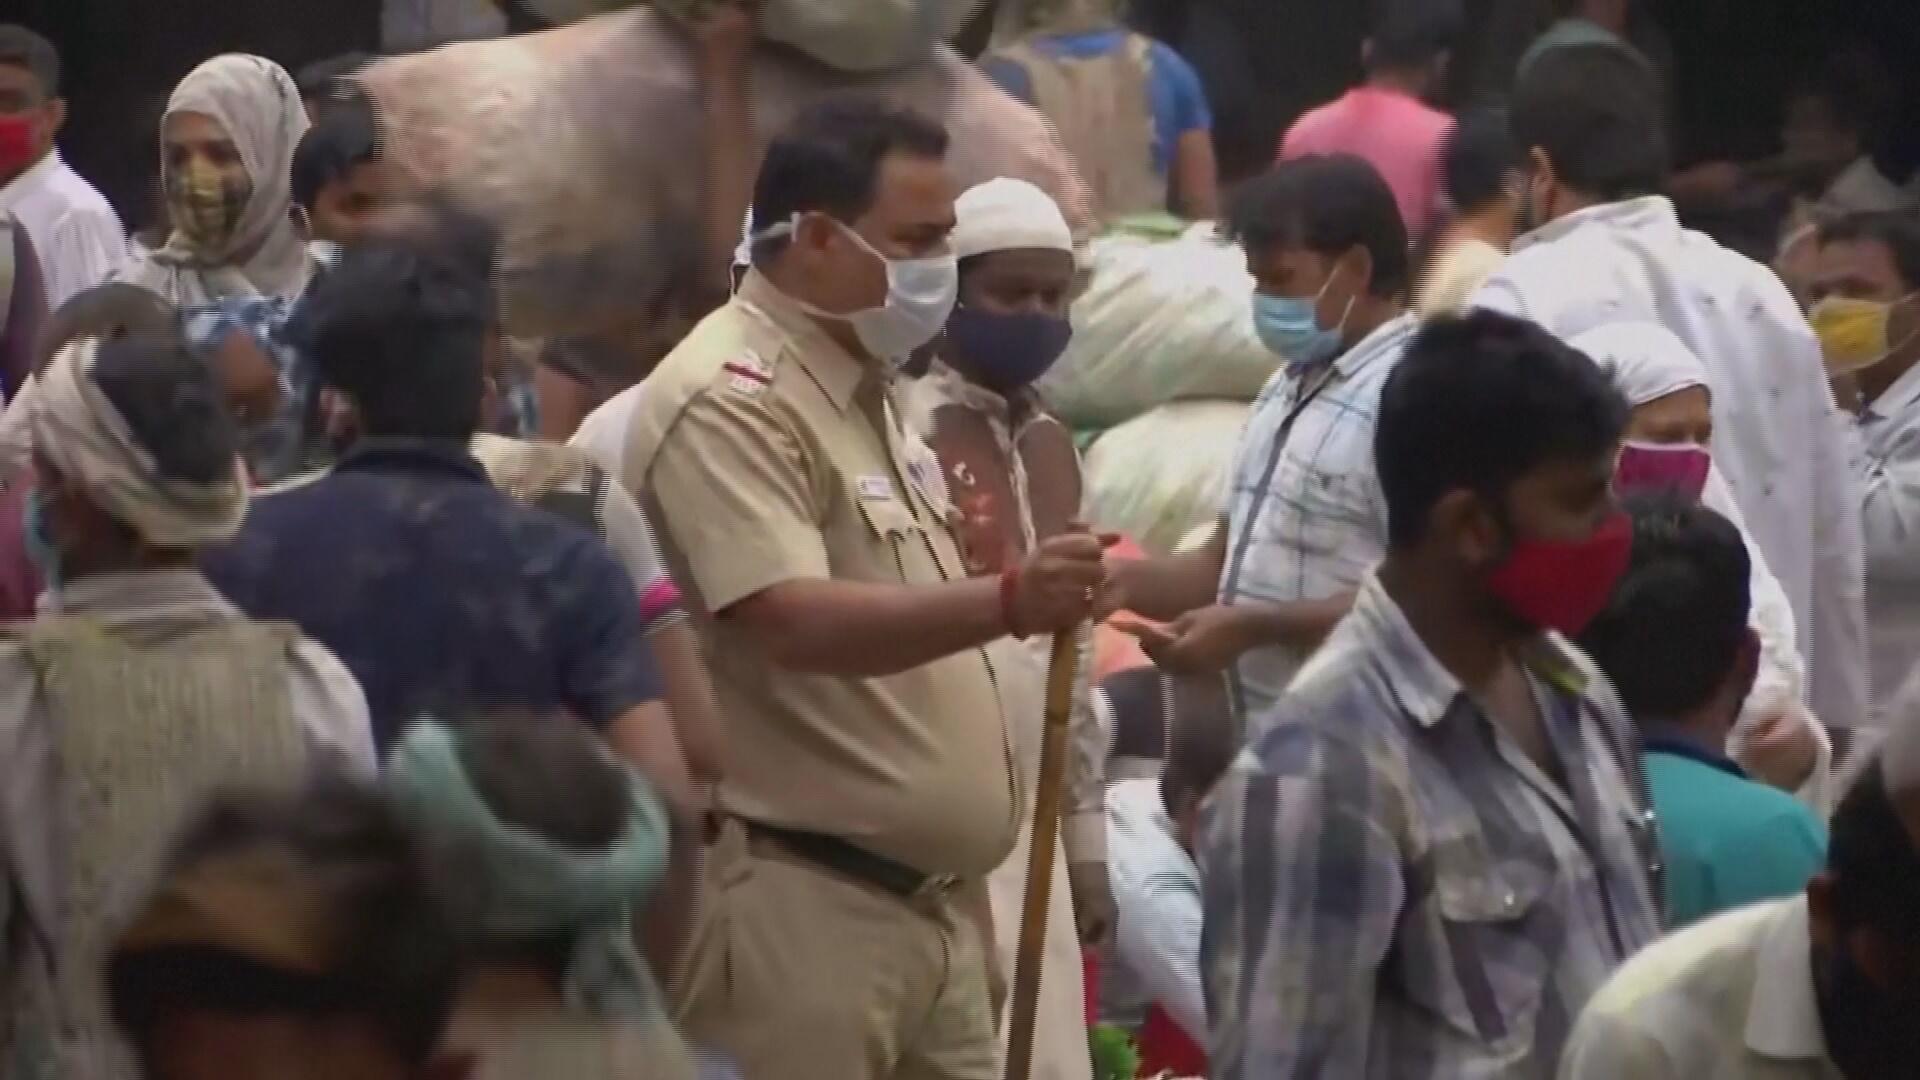 Casos de Covid-19 na Índia seguem batendo recordes consecutivos